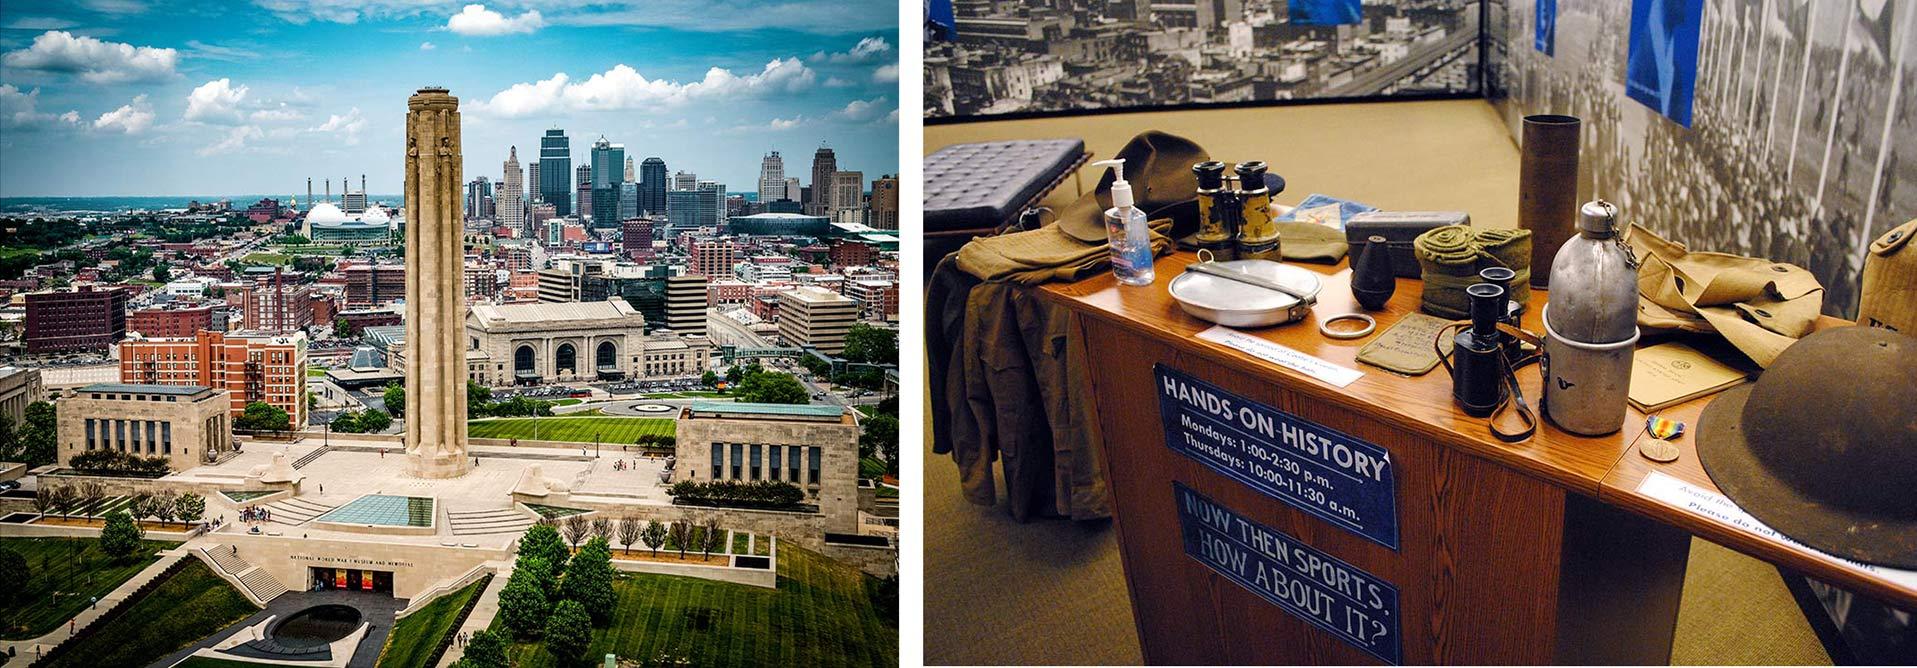 Internship at WWI Museum in Kansas City